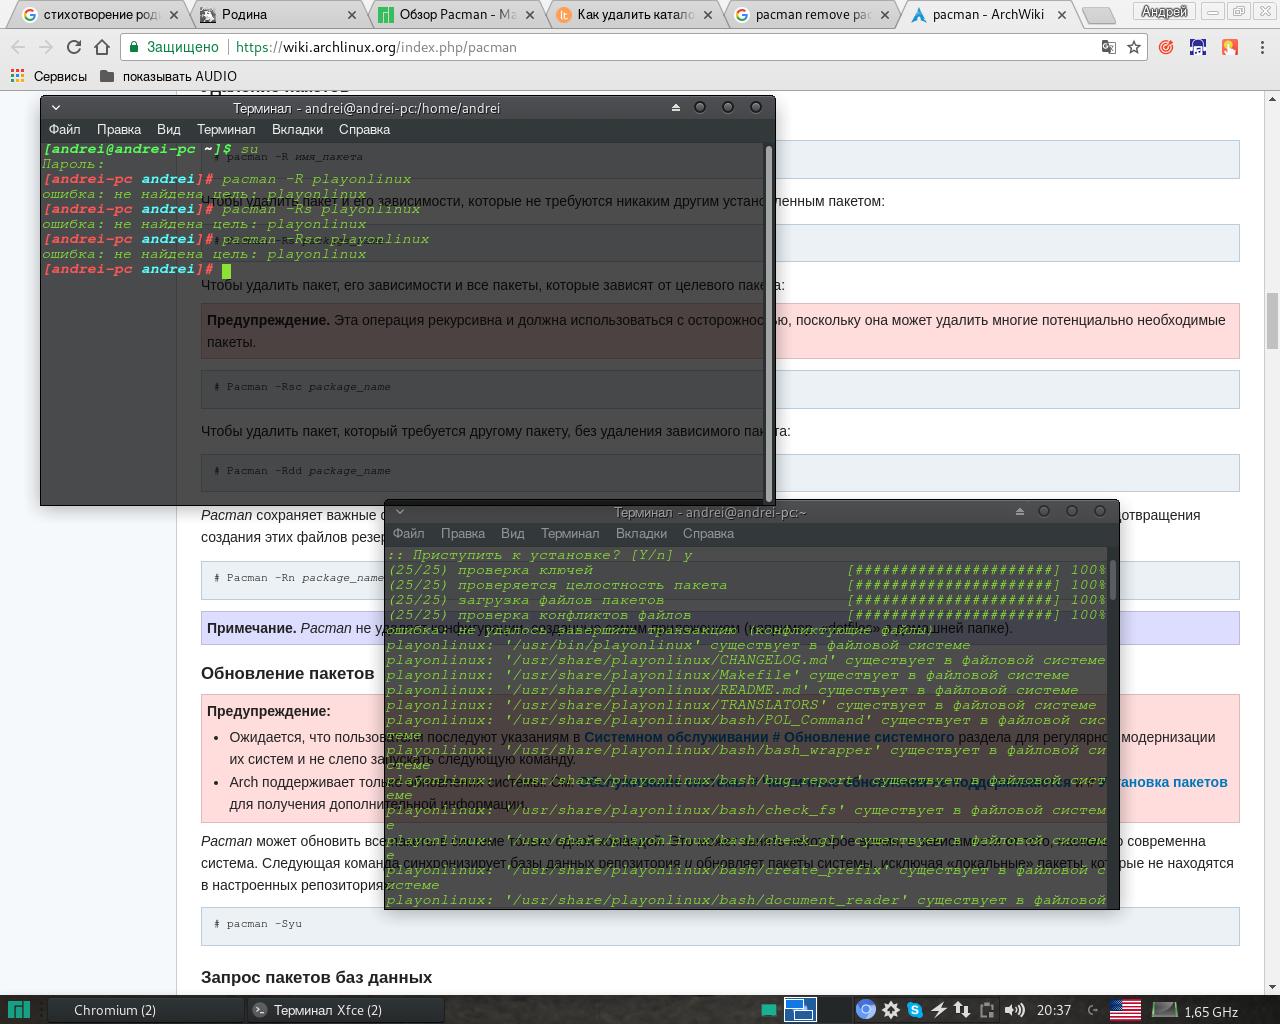 Manjaro KDE Edition: ребята я  своими кривыми руками не правильно установил прогу и теперь не могу её переустановить